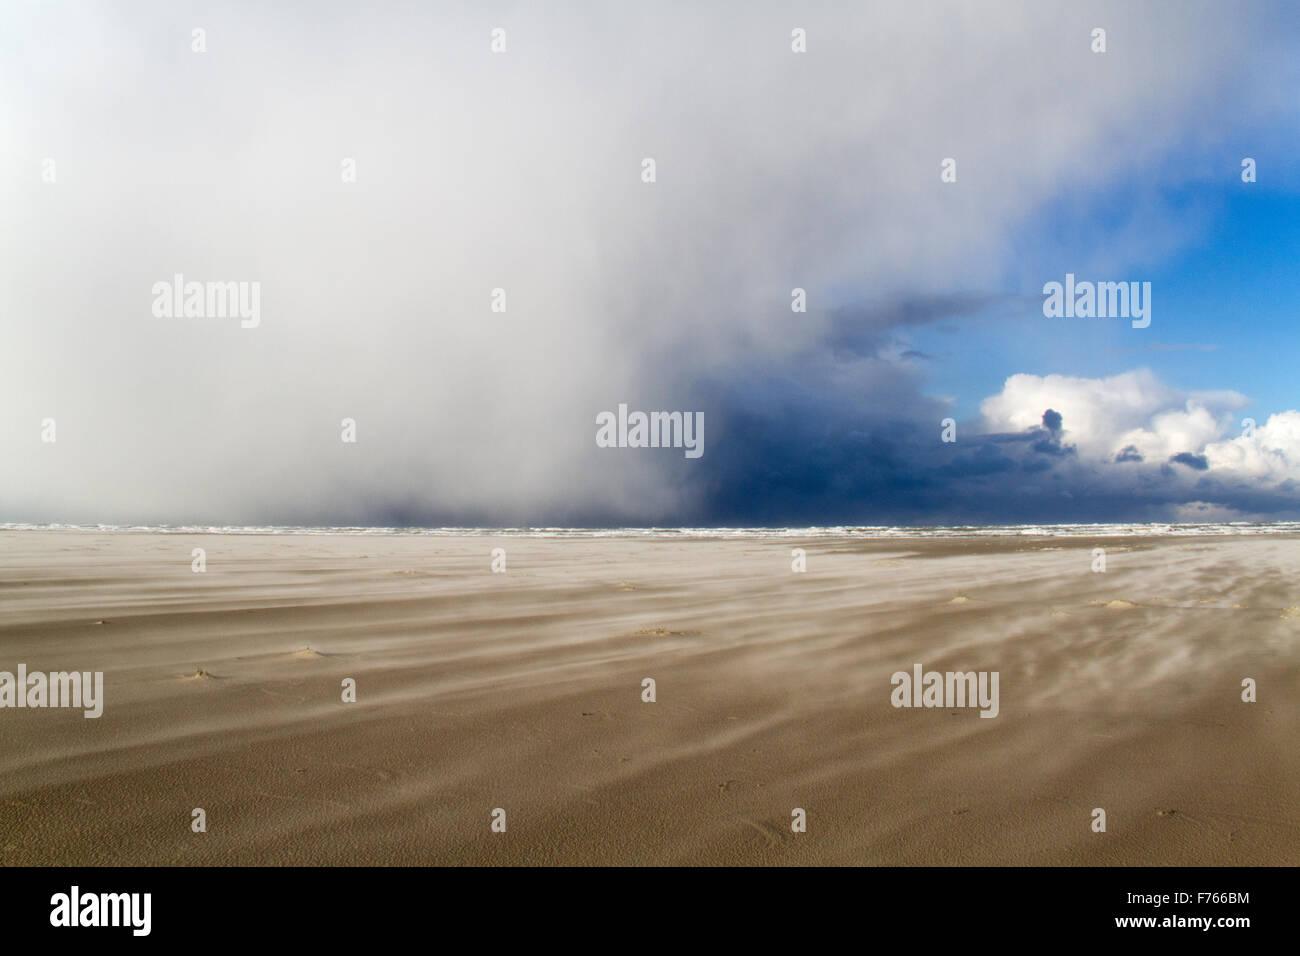 Une journée sur la plage sauvage: une tempête et des nuages bas au-dessus de la mer, apportant la Photo Stock